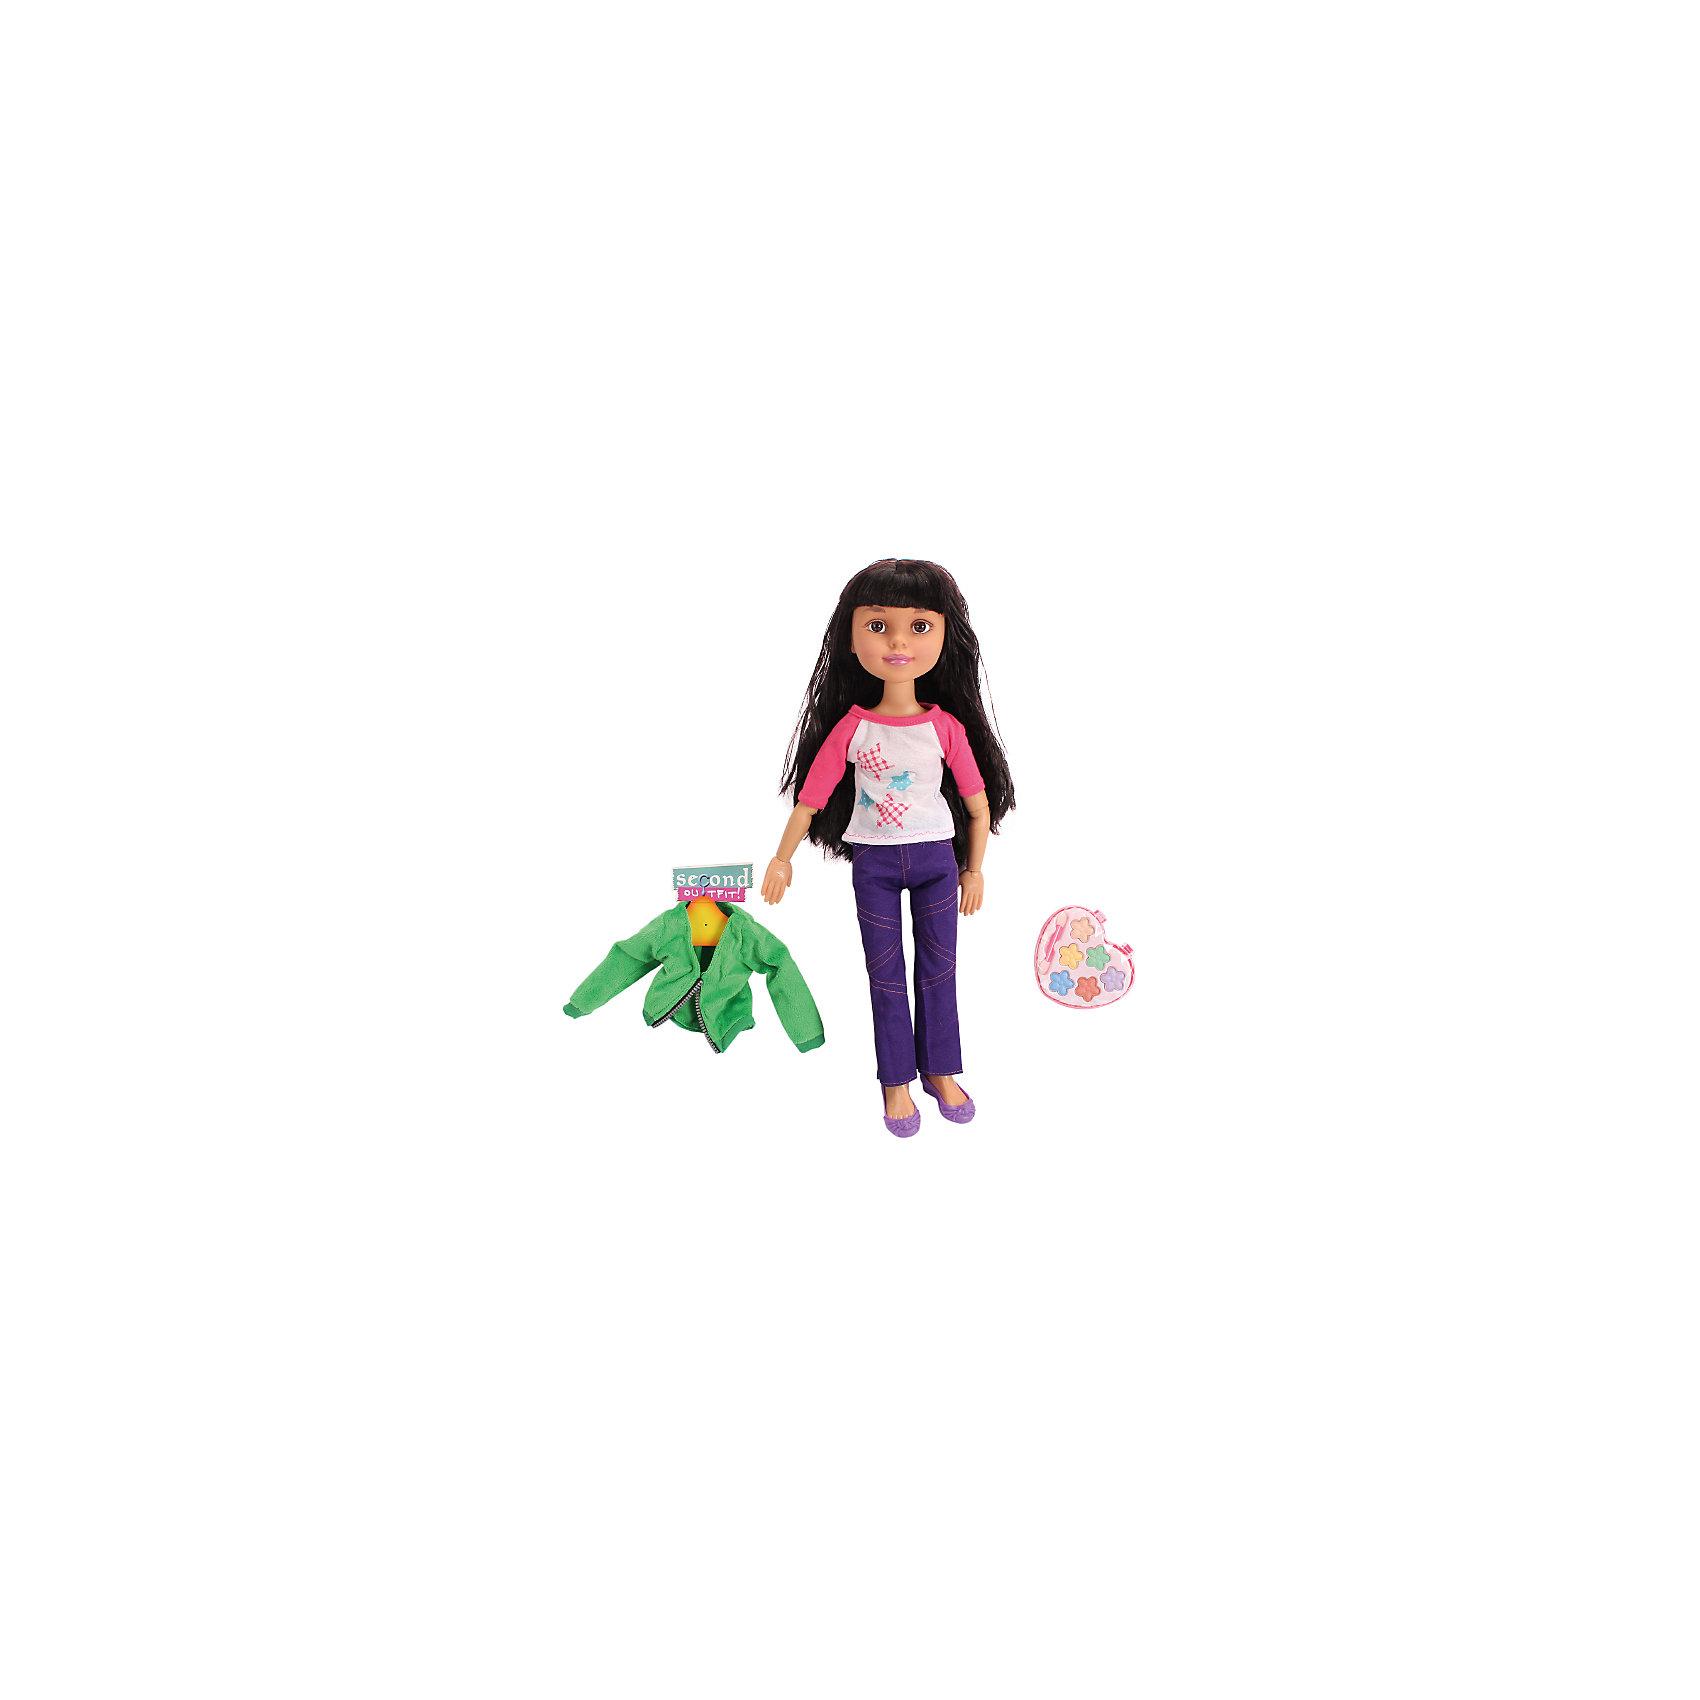 Кукла Макияж: Гламурная девчонка, 45,5 см, с аксессуарами, DollyToyЯркая модница ждёт встречи с новыми подружками! Эту куклу можно наряжать и делать ей настоящий макияж, косметика и стильные вещи есть в комплекте. Благодаря шарнирам можно менять положение ручек и ножек.<br> <br>Дополнительная информация:<br><br>Высота куклы: 45,5 см<br>В комплекте: кукла, косметика, одежда<br><br>Куклу Макияж: Гламурная девчонка, 45,5 см, с аксессуарами, DollyToy можно купить в нашем магазине.<br><br>Ширина мм: 370<br>Глубина мм: 110<br>Высота мм: 355<br>Вес г: 1083<br>Возраст от месяцев: 72<br>Возраст до месяцев: 1188<br>Пол: Женский<br>Возраст: Детский<br>SKU: 4590208